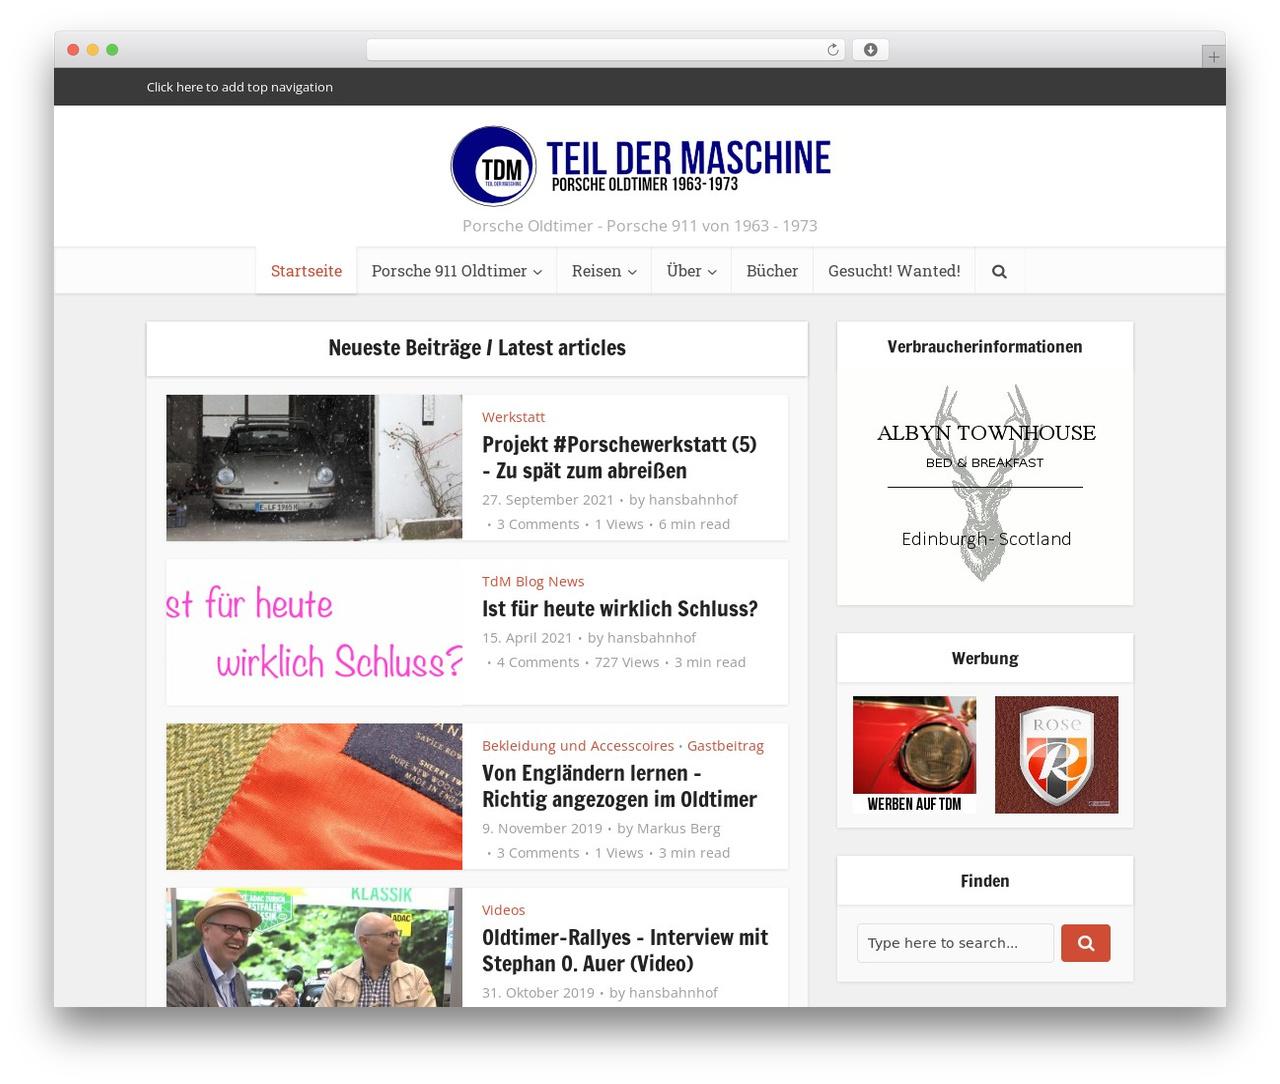 Voice WordPress blog template by meks - teil-der-maschine.de